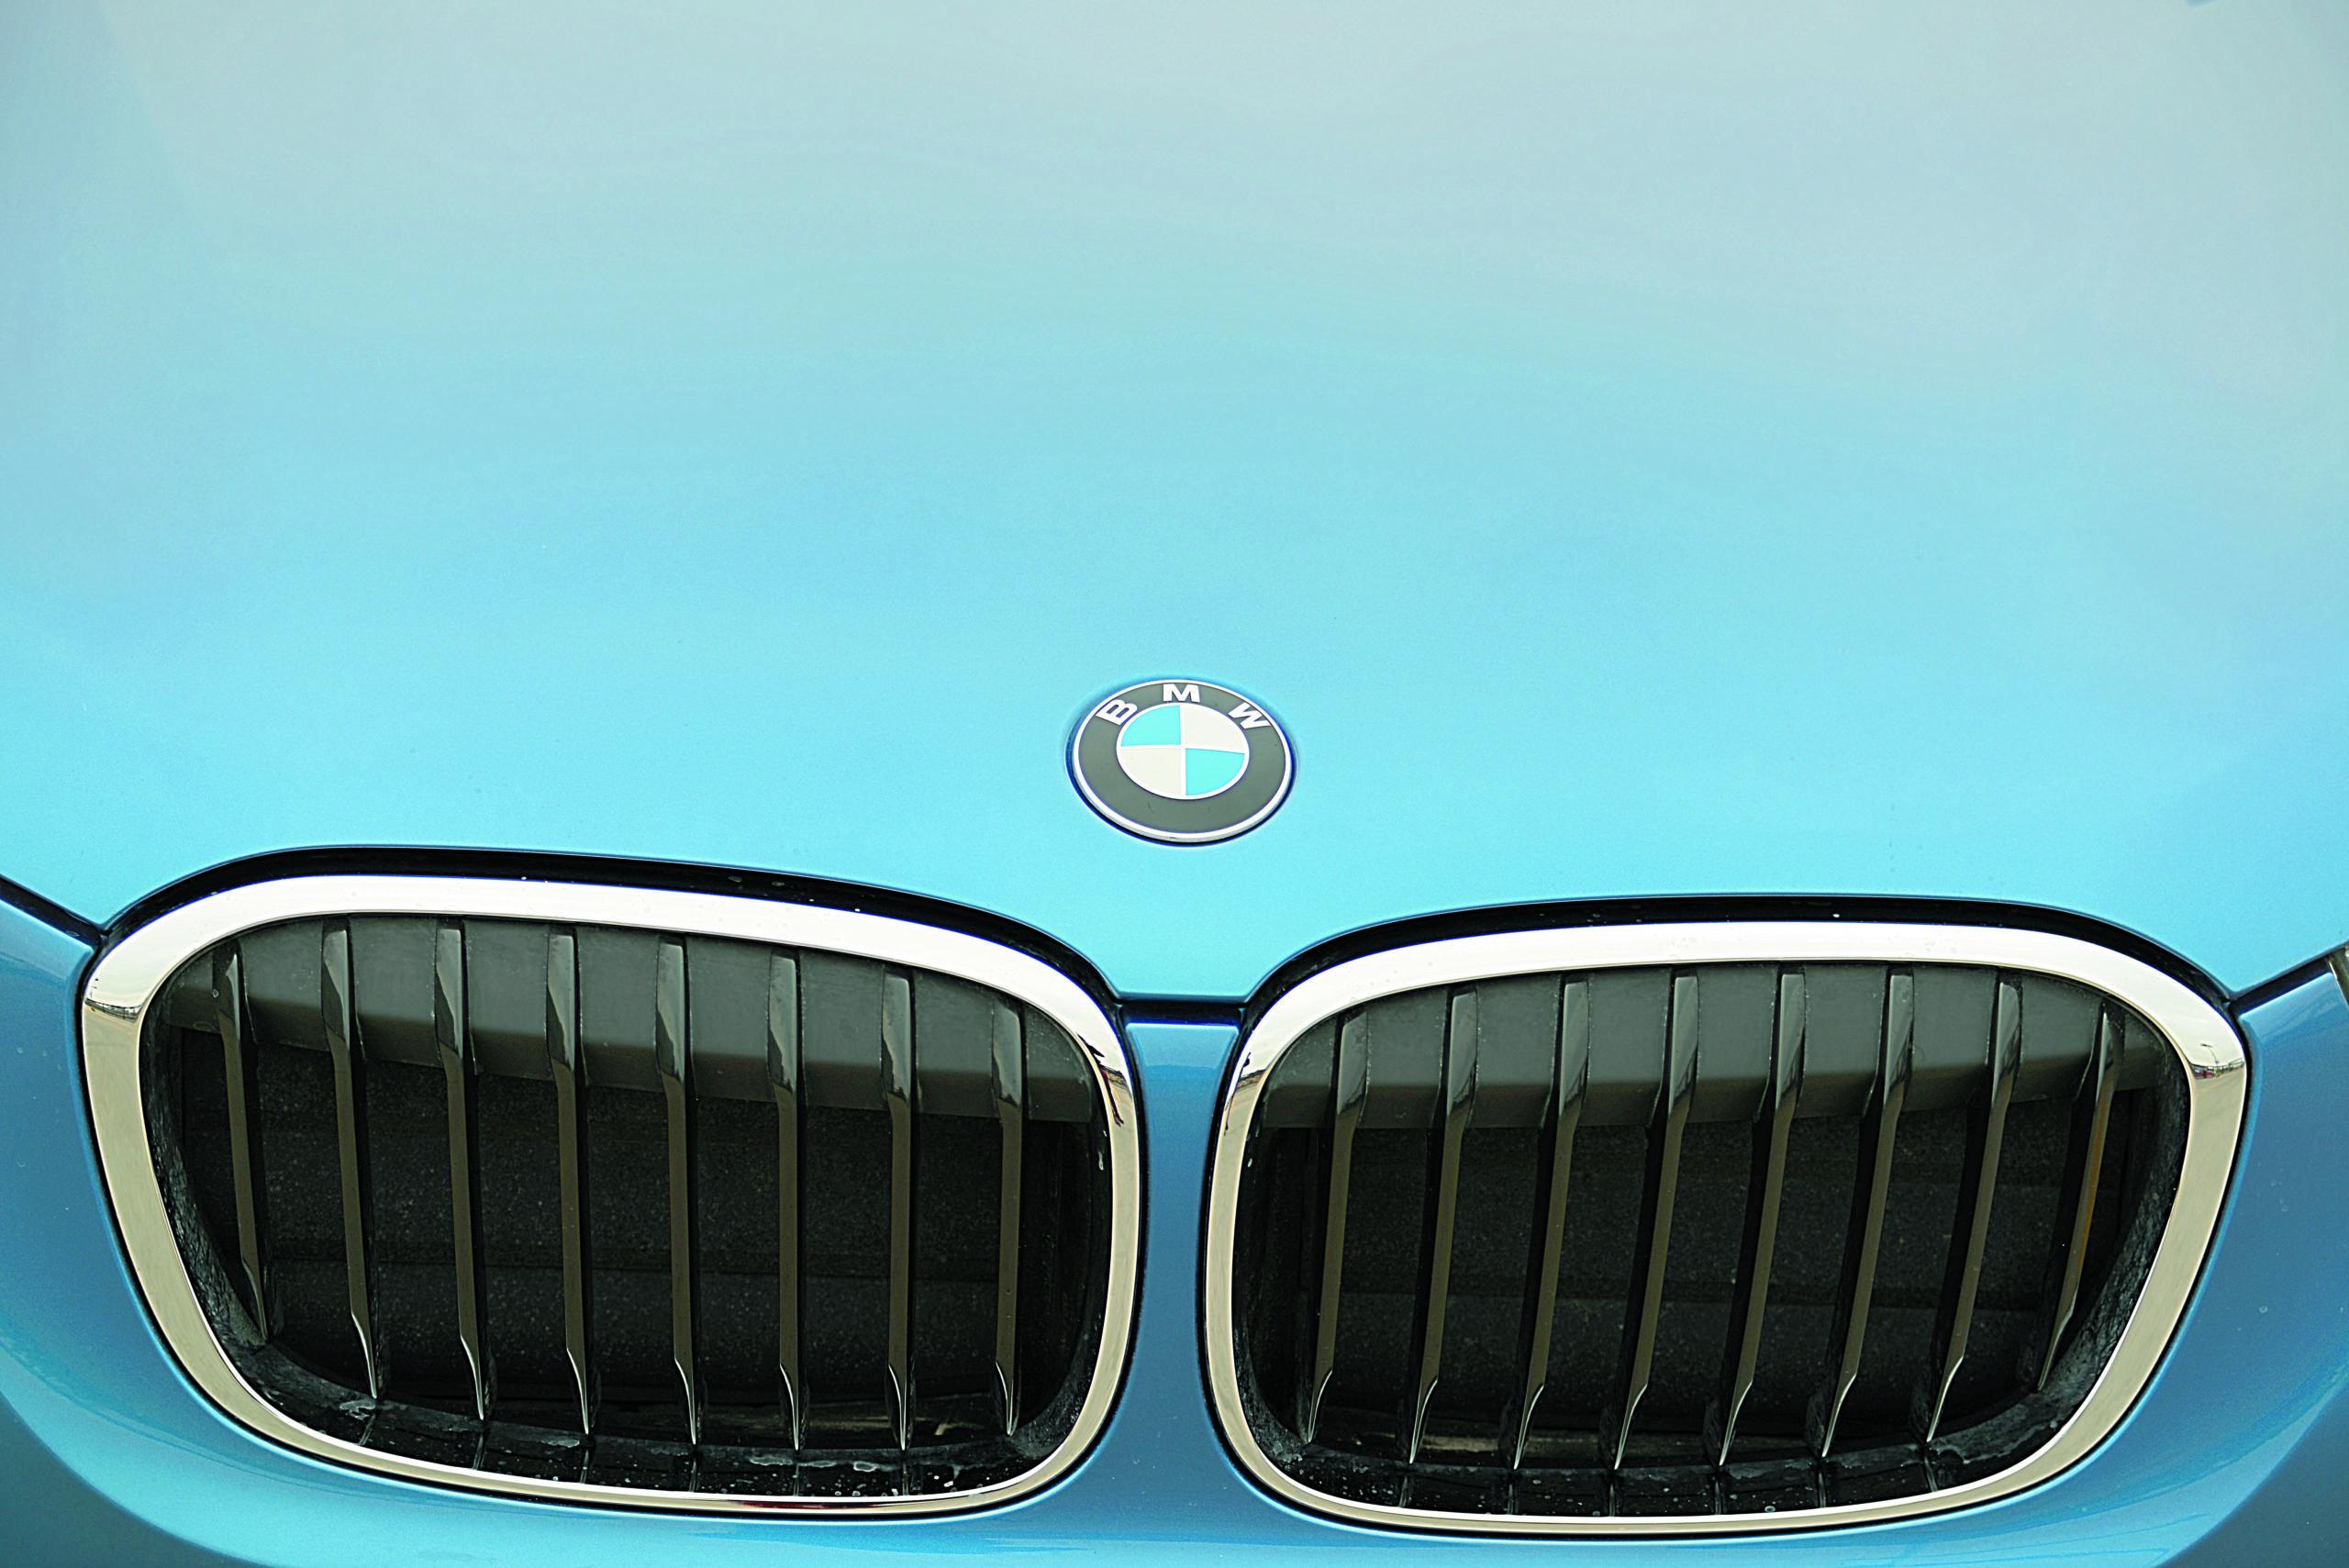 BMW-X1-xDrive-25d-grill